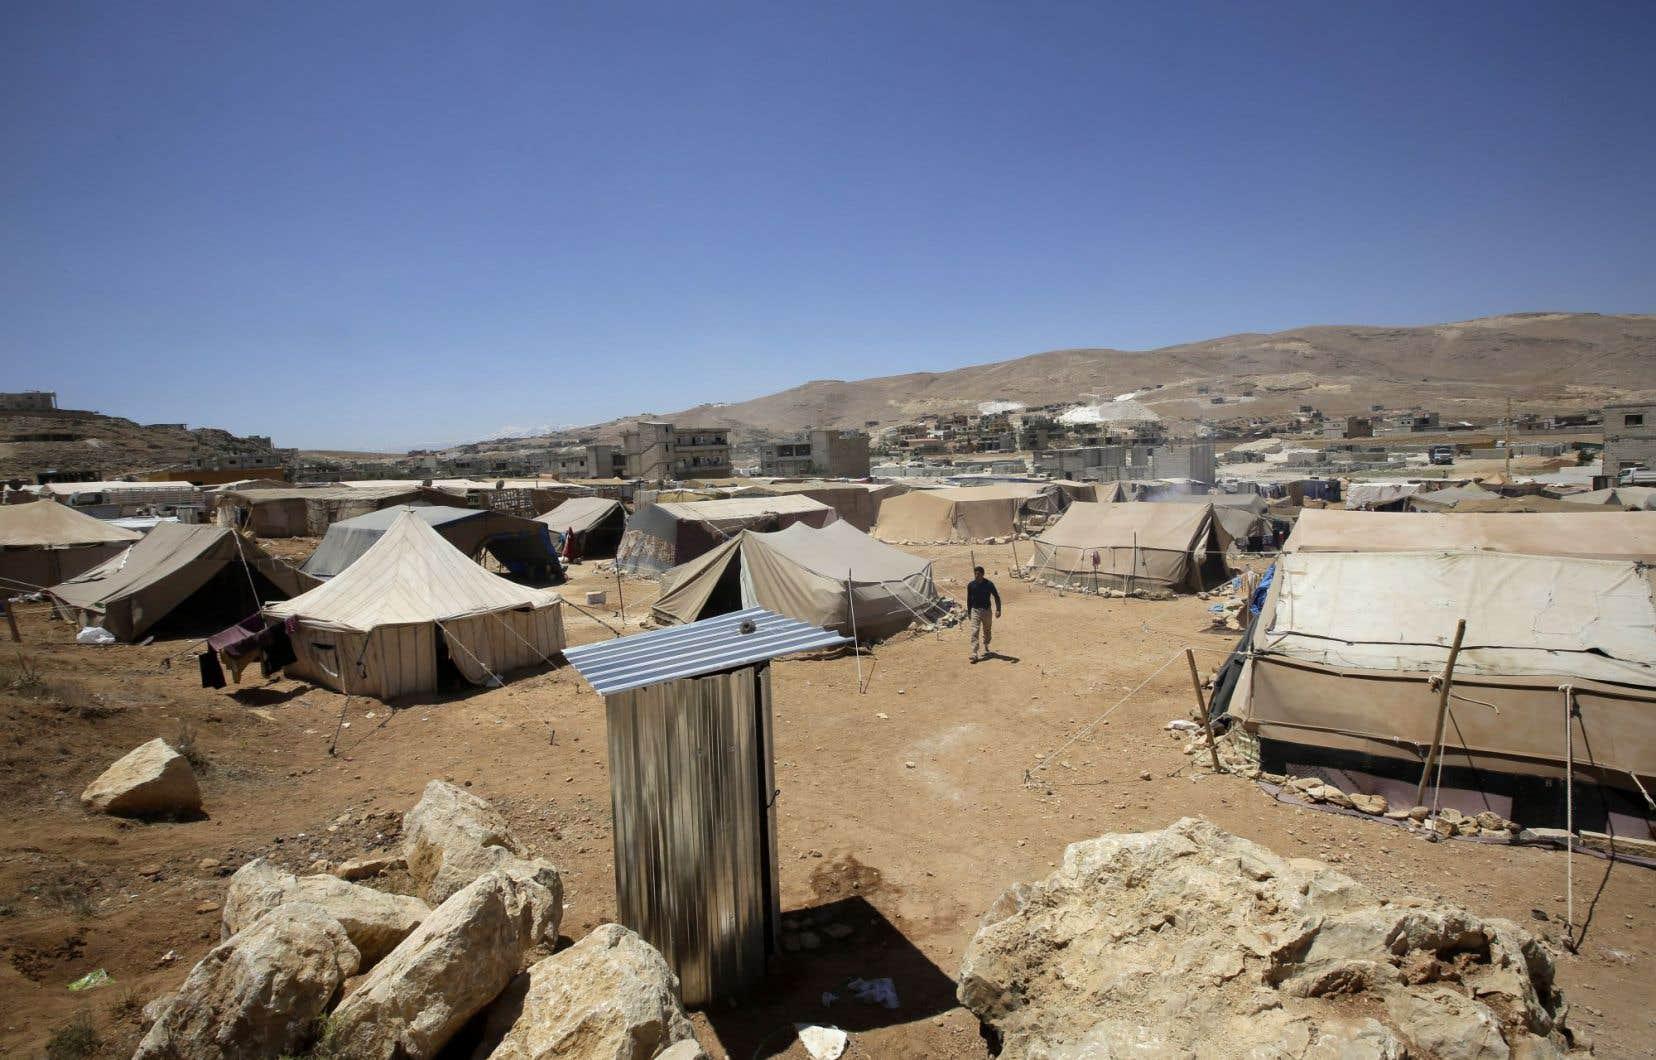 Un camp de réfugiés syriens non loin de la villed'Ersal, au Liban